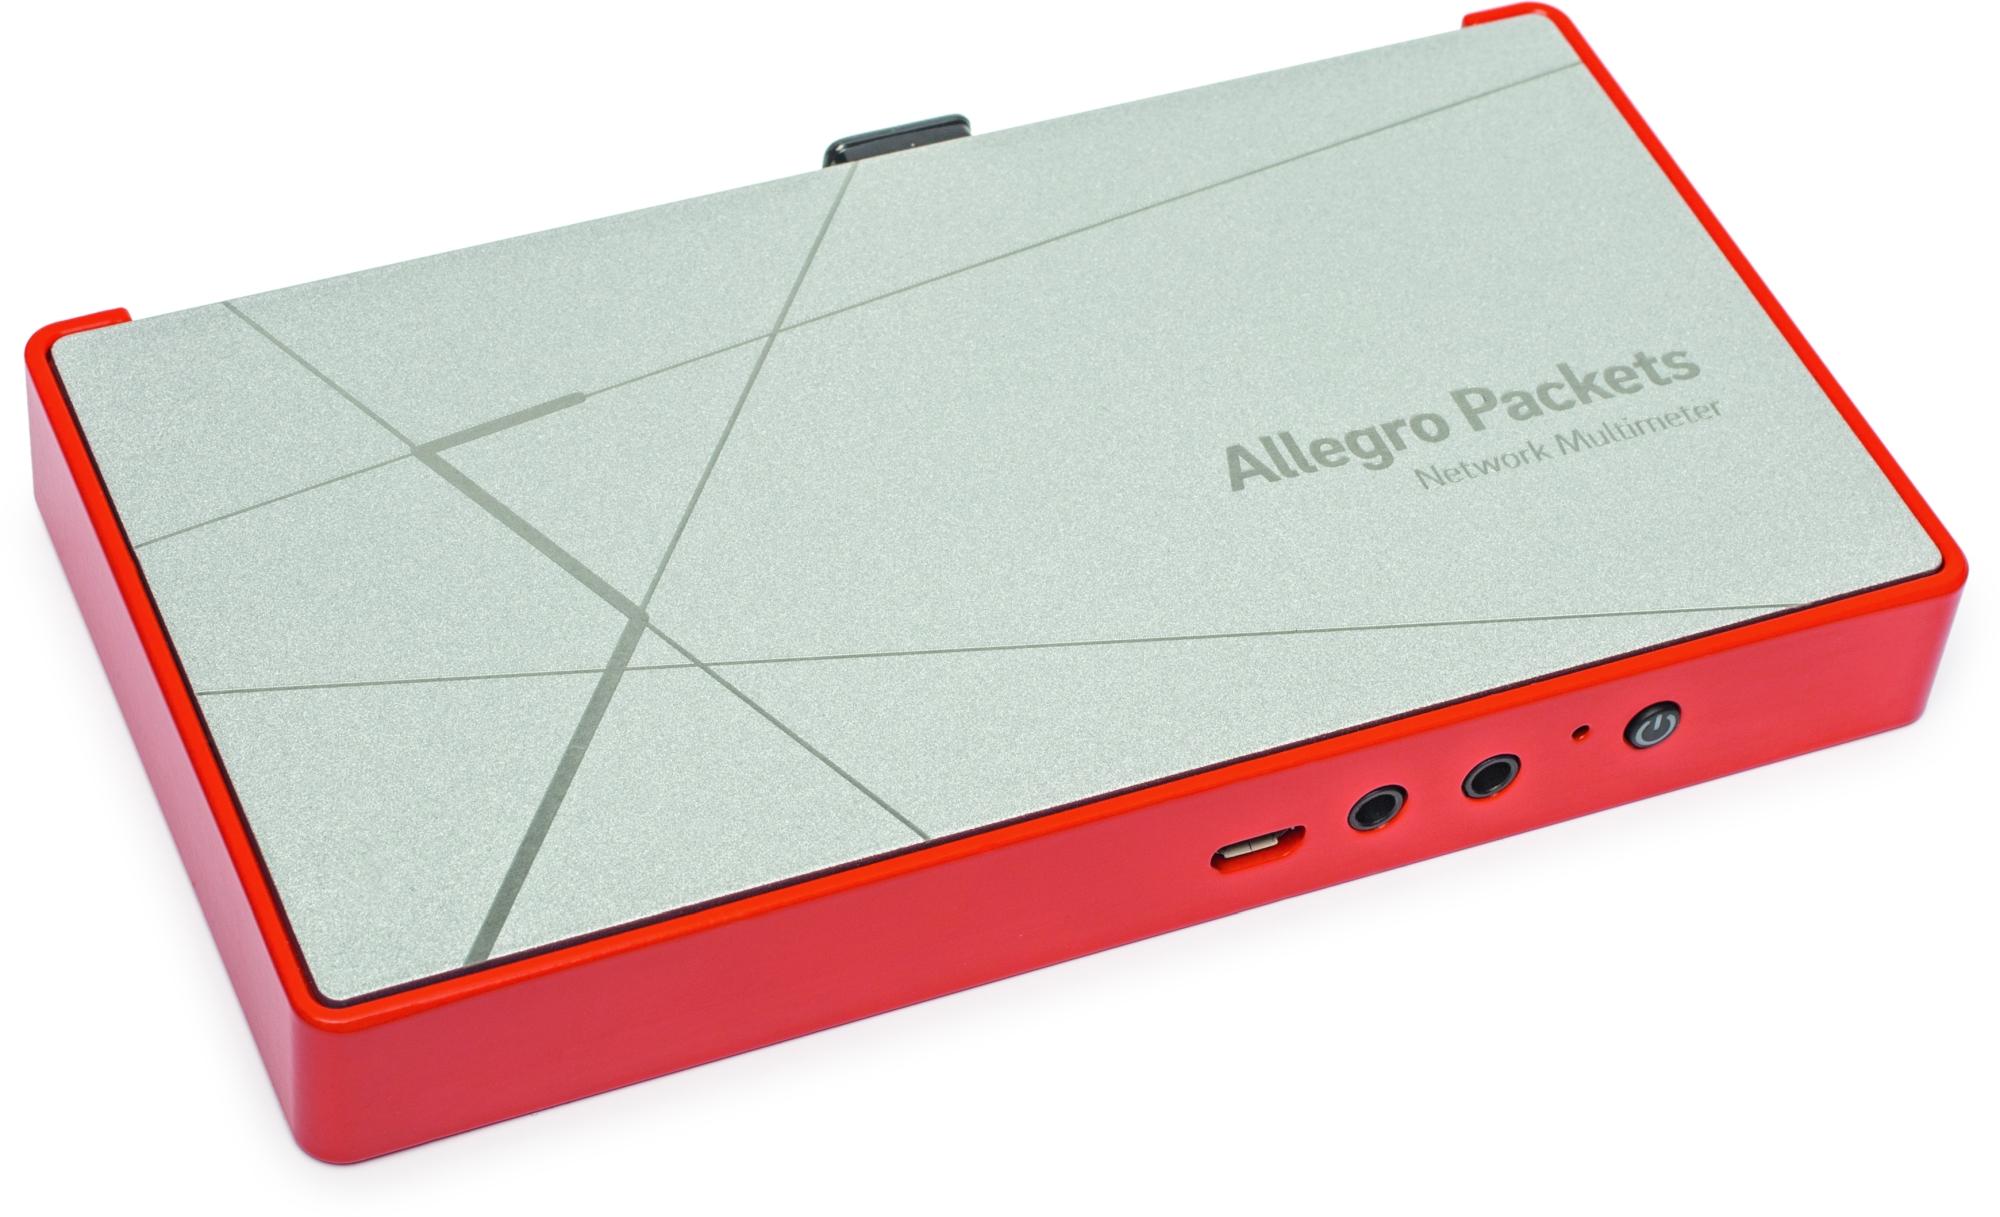 Allegro Packets Network Multimeter 200